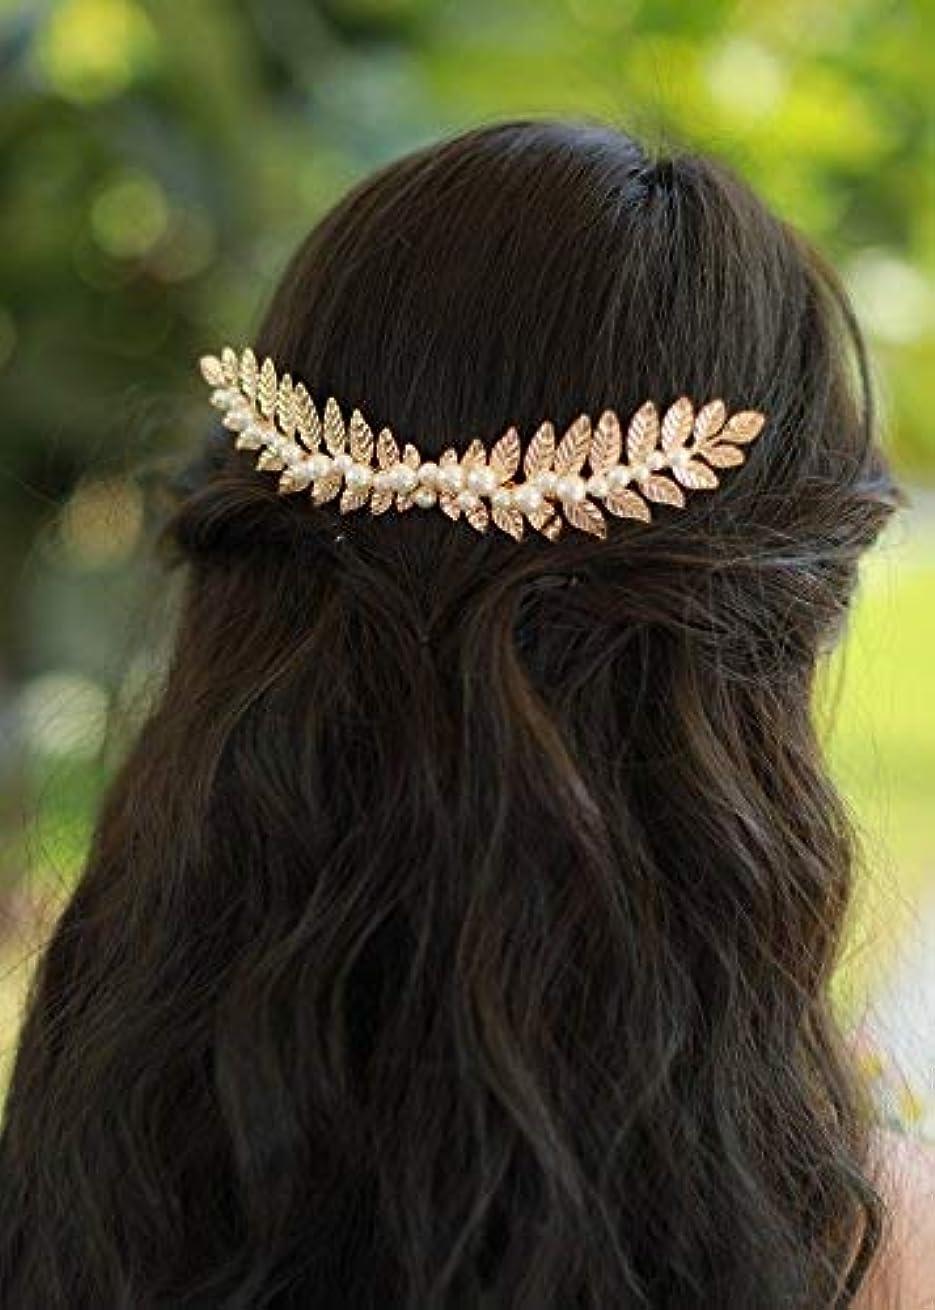 ハチ翻訳する定数Missgrace Gold Leaf Hair Comb Wedding Hair Accessories Bride Floral Hair Comb Head Pieces Hair Clips Pins Jewelry...